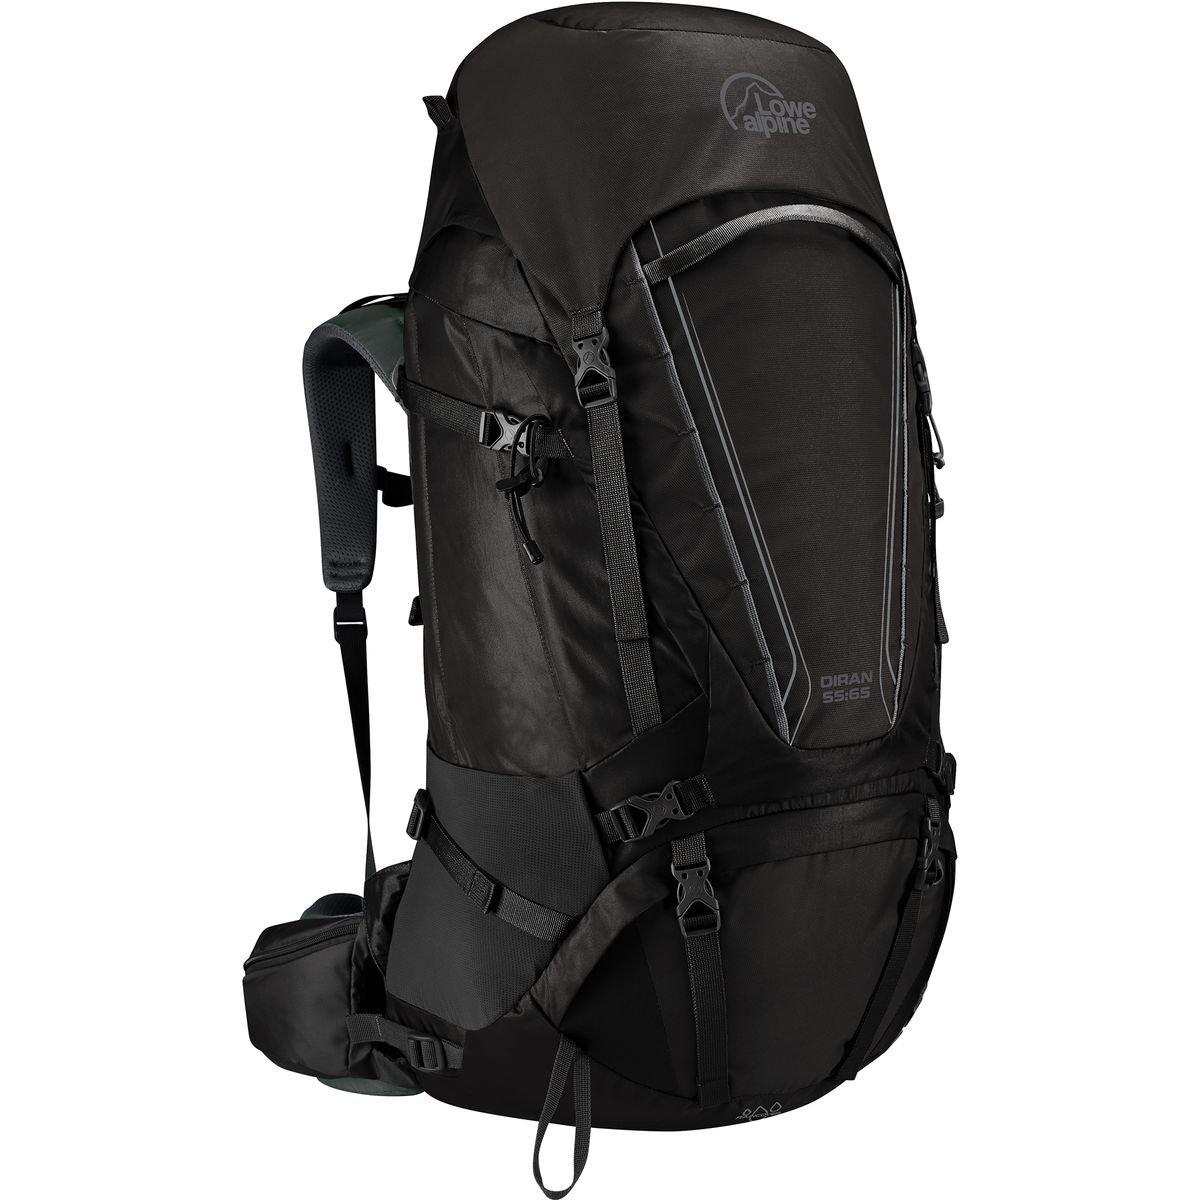 (ロウアルパイン) Lowe Alpine Diran 55:65 Backpackメンズ バックパック リュック Anthracite [並行輸入品]   B07BZGSD6Y